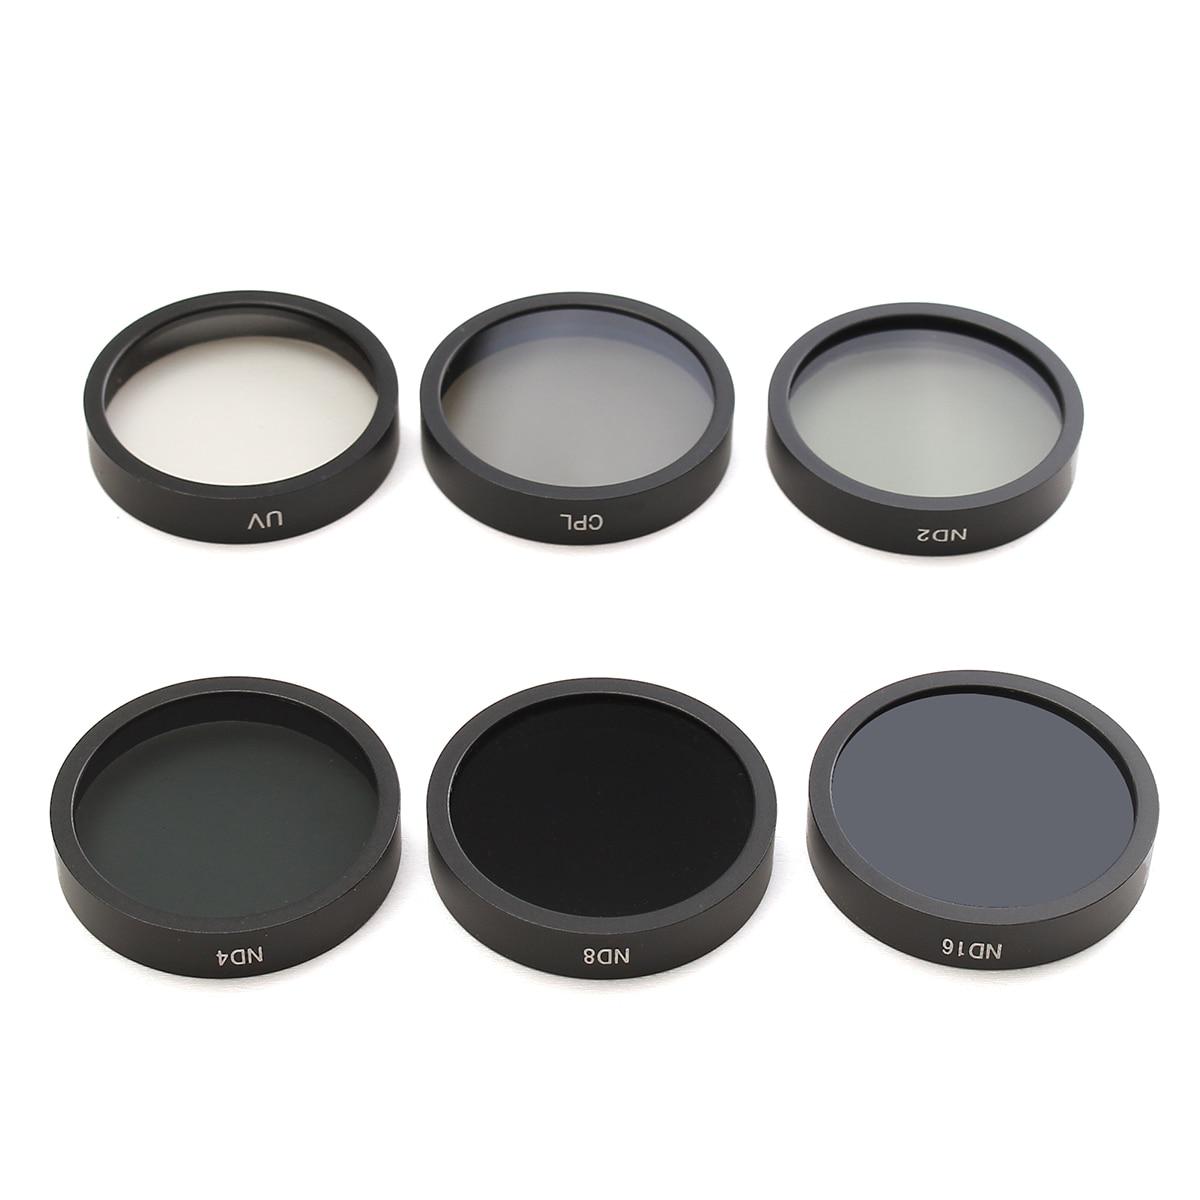 6 stücke ND2 ND4 ND8 ND16 CPL UV Kamera Objektiv Filter Mit Fall Für DJI Phantom 4/3 HD